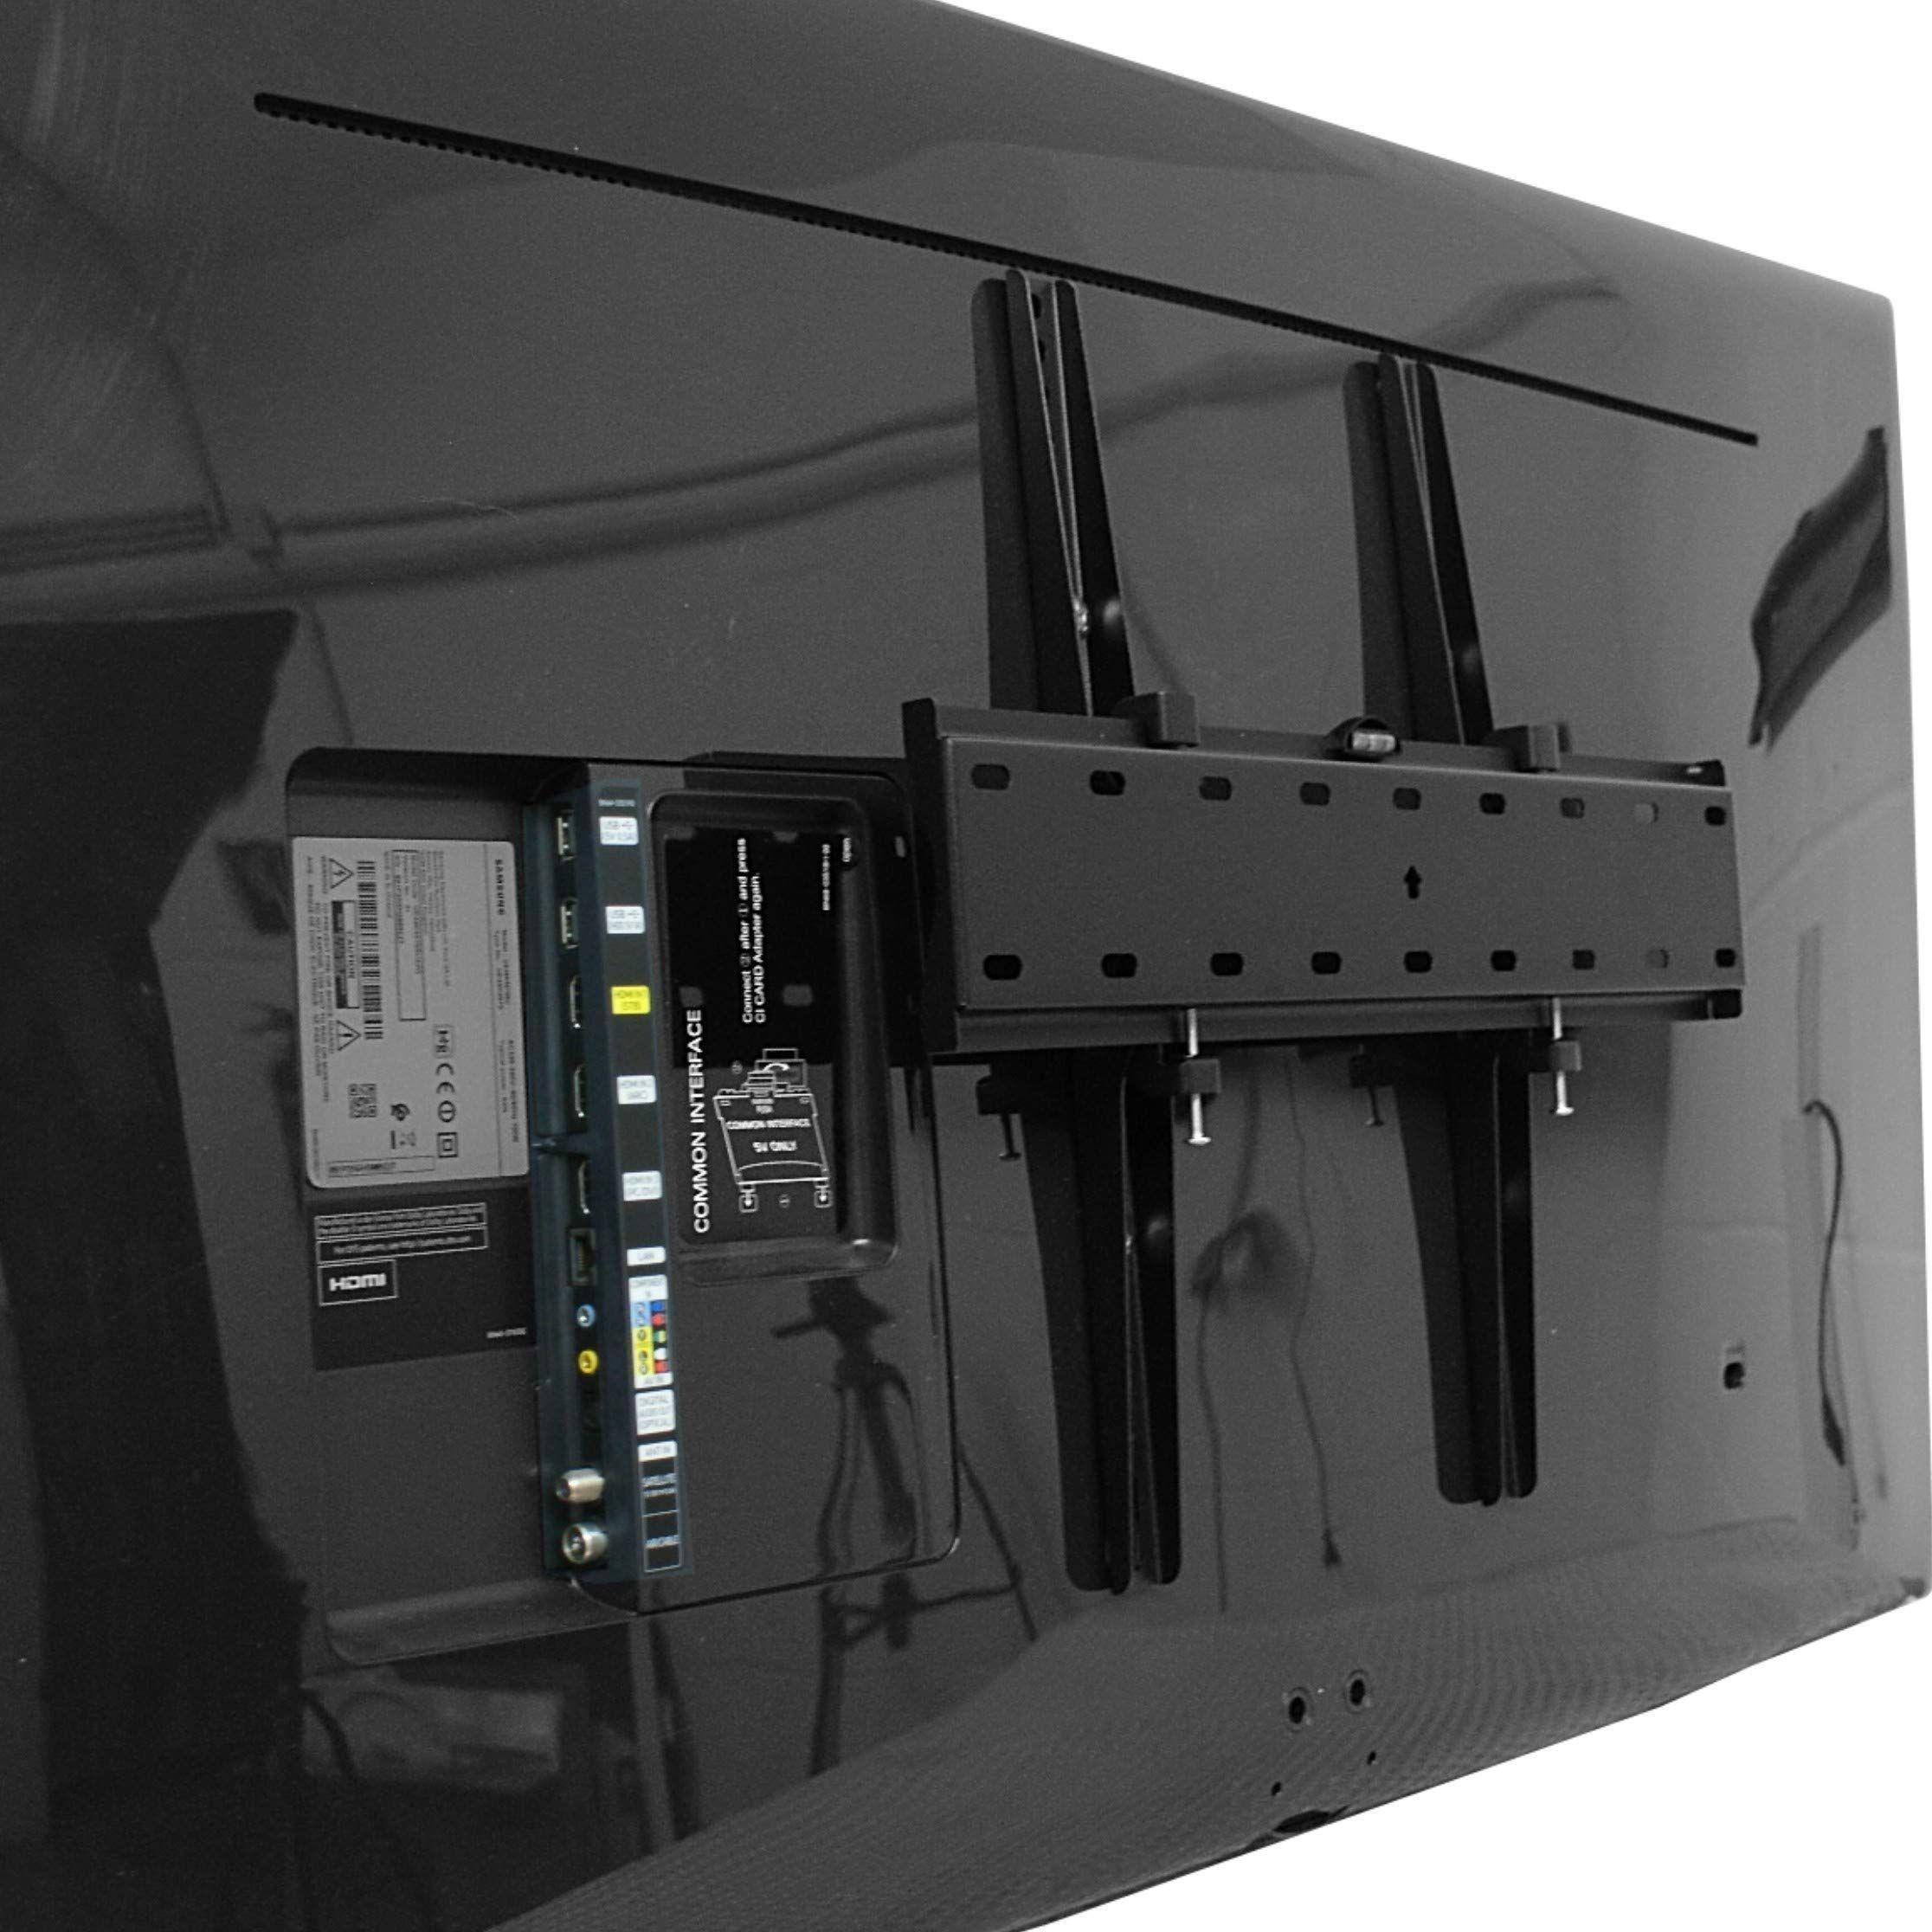 Hochwertige Tv Wandhalterung Qled Oled Led Lcd 42 65 Zoll Extrem Stabil Mit Fischer Zubeh R Neigbar Fernsehhalterung Ve In 2020 Locker Storage Storage Lockers